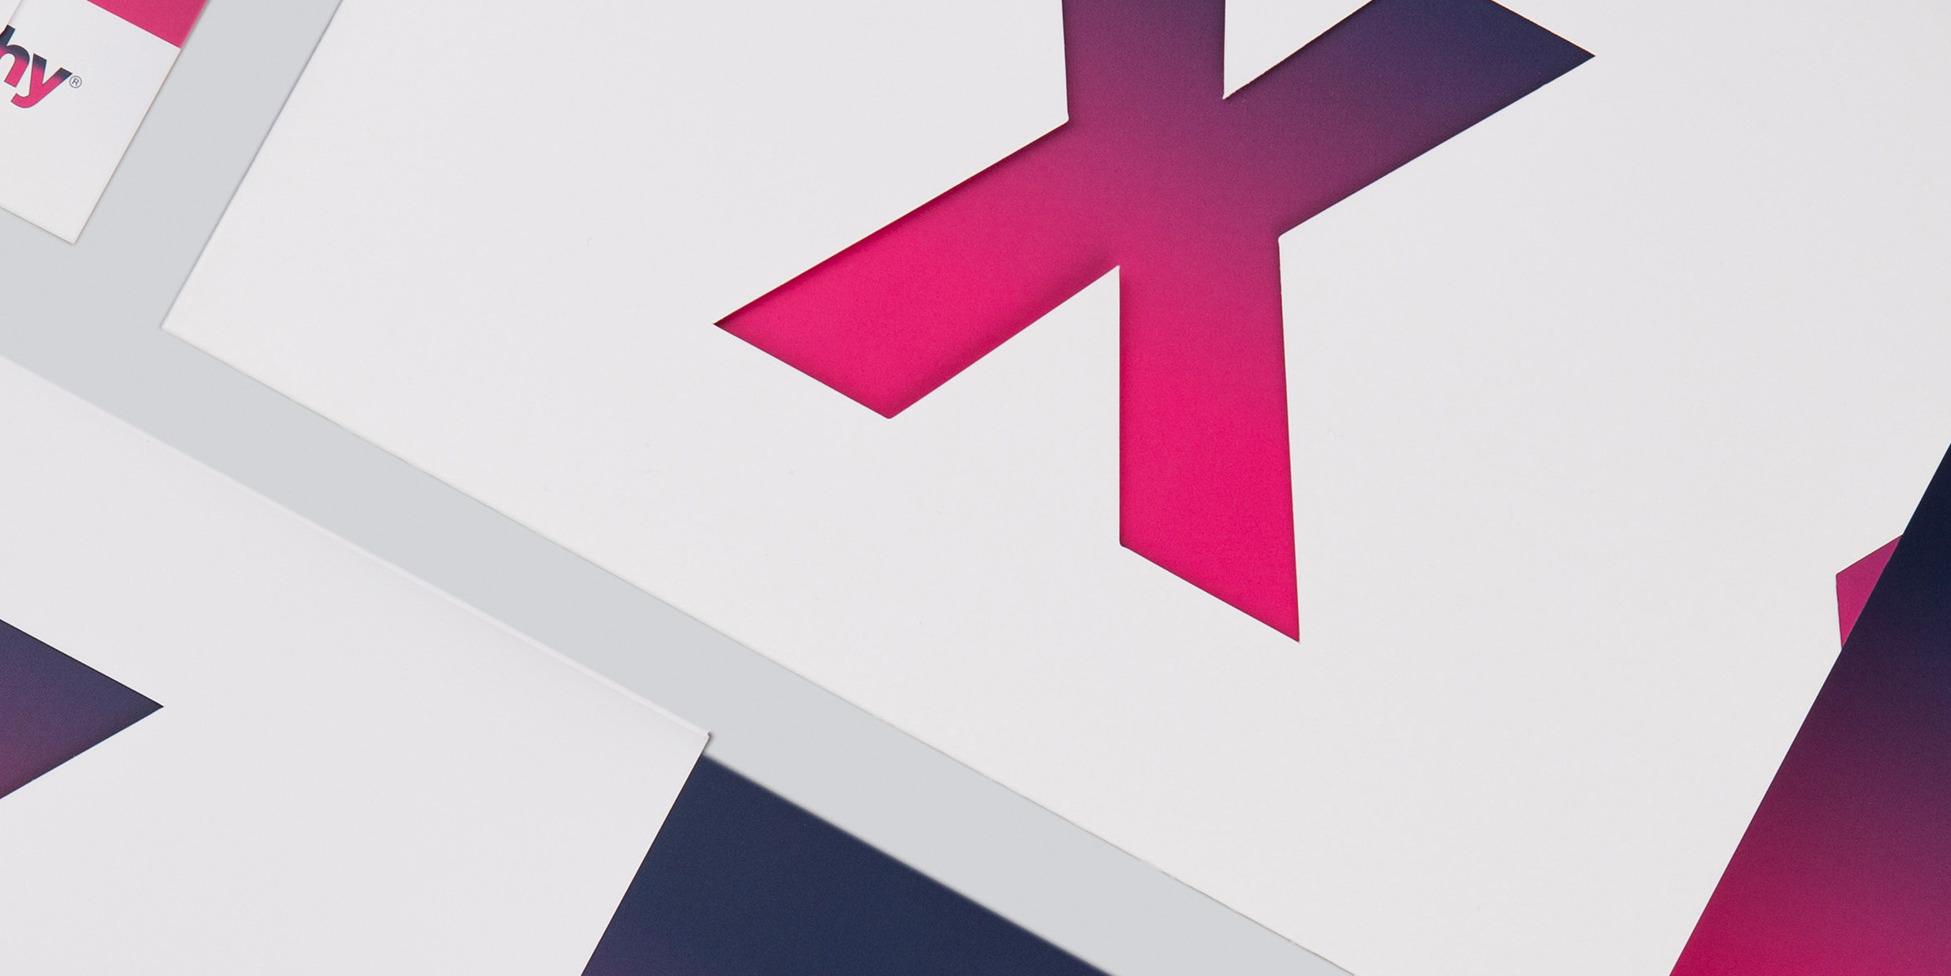 Für das Produkt Xultophy kreierte MONOKI eine aufmerksamkeitsstarke Broschüre.